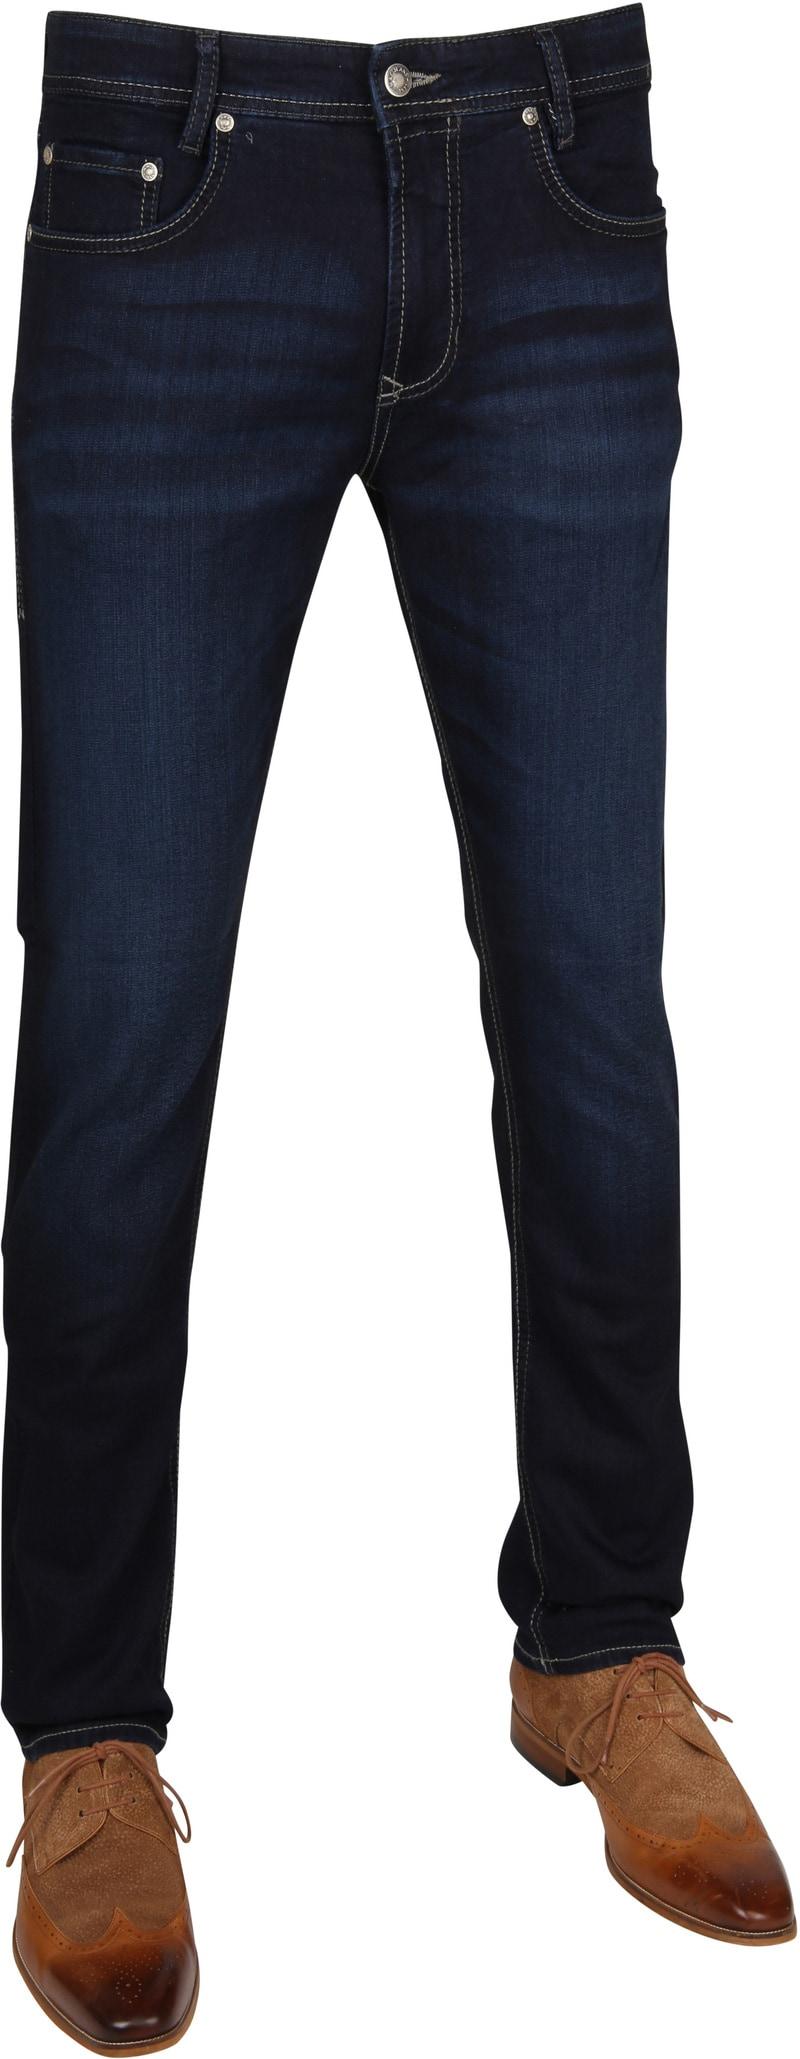 Mac Jog'n Jeans - Donkerblauw maat W 31 - L 32